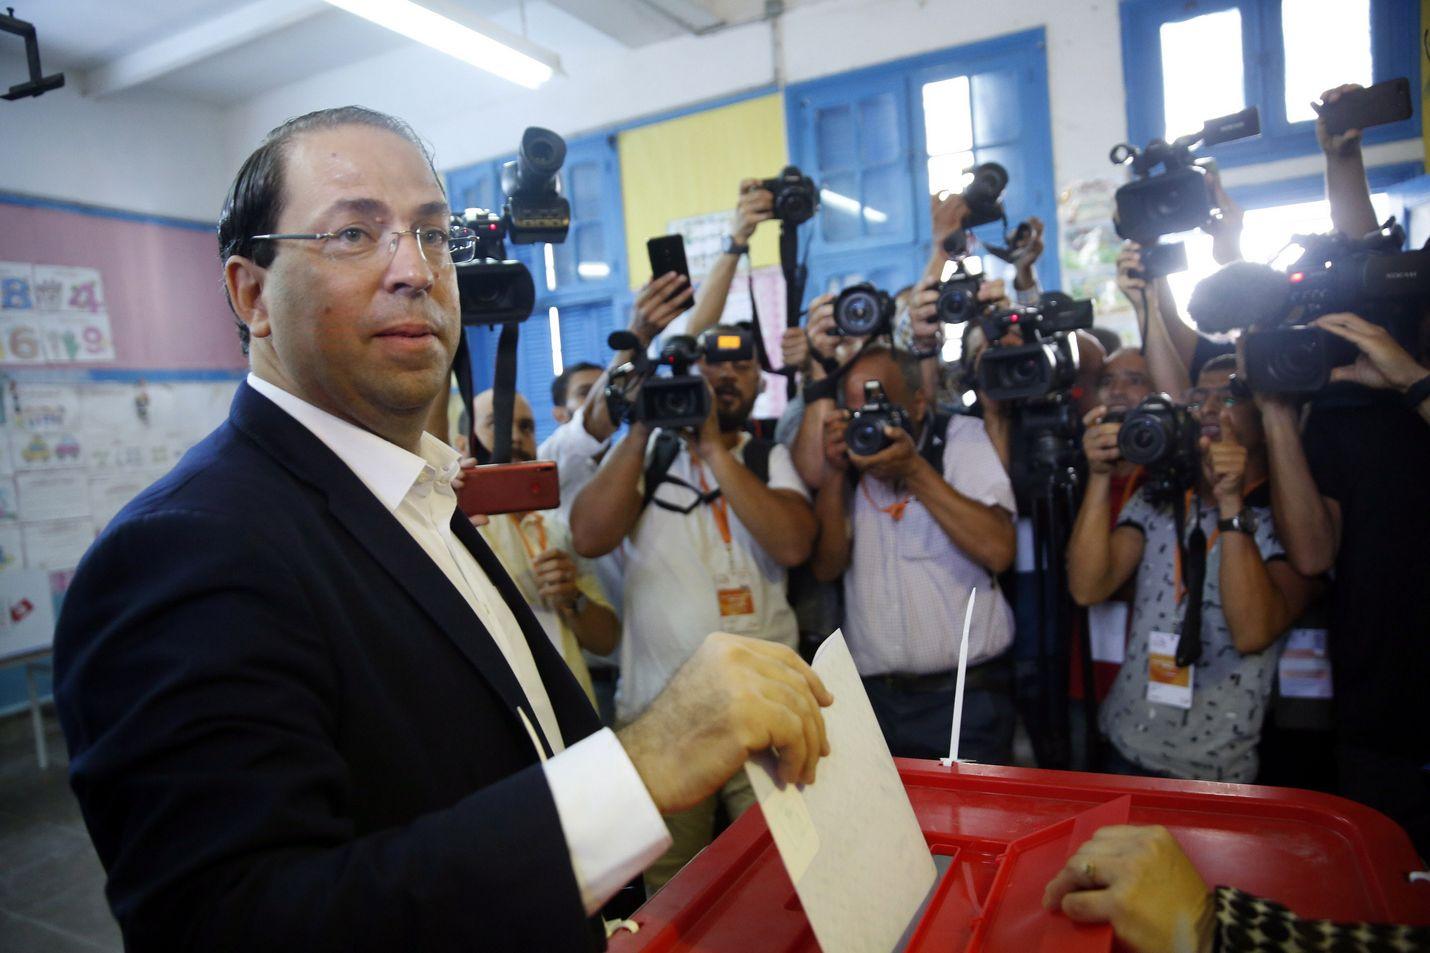 Tunisian pääministeri Youssef Chahdeh äänesti sunnuntaina vaalin ensimmäisellä kierroksella.